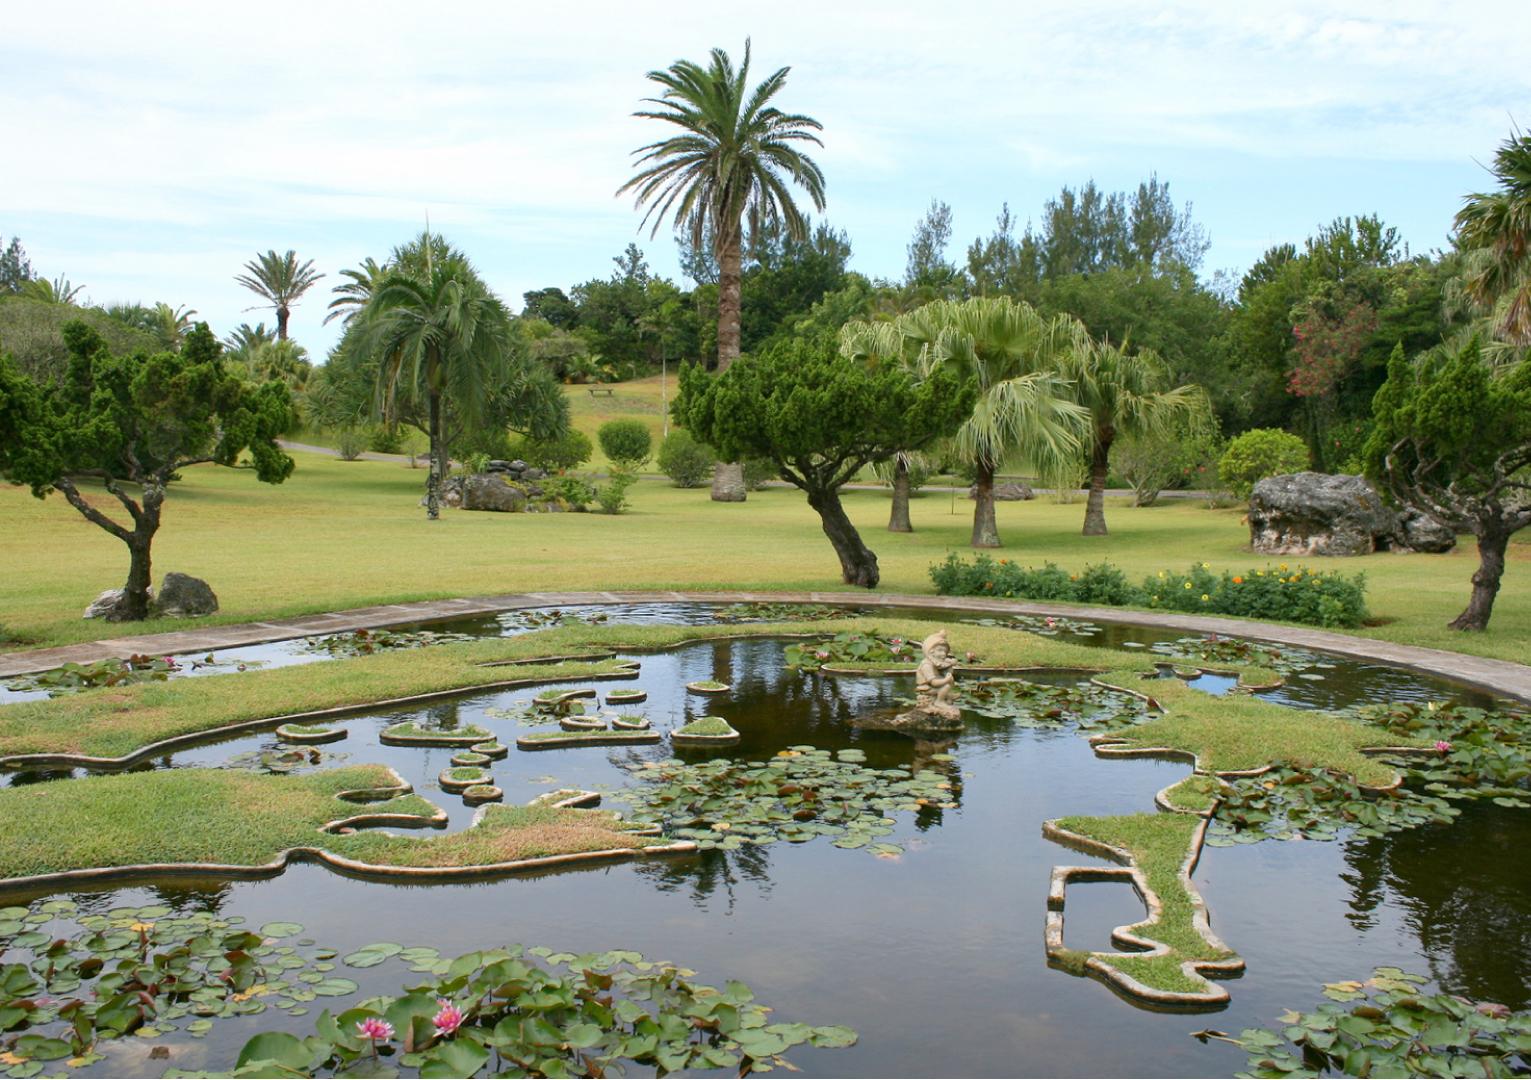 Gibbon's Garden (Palm Grove)